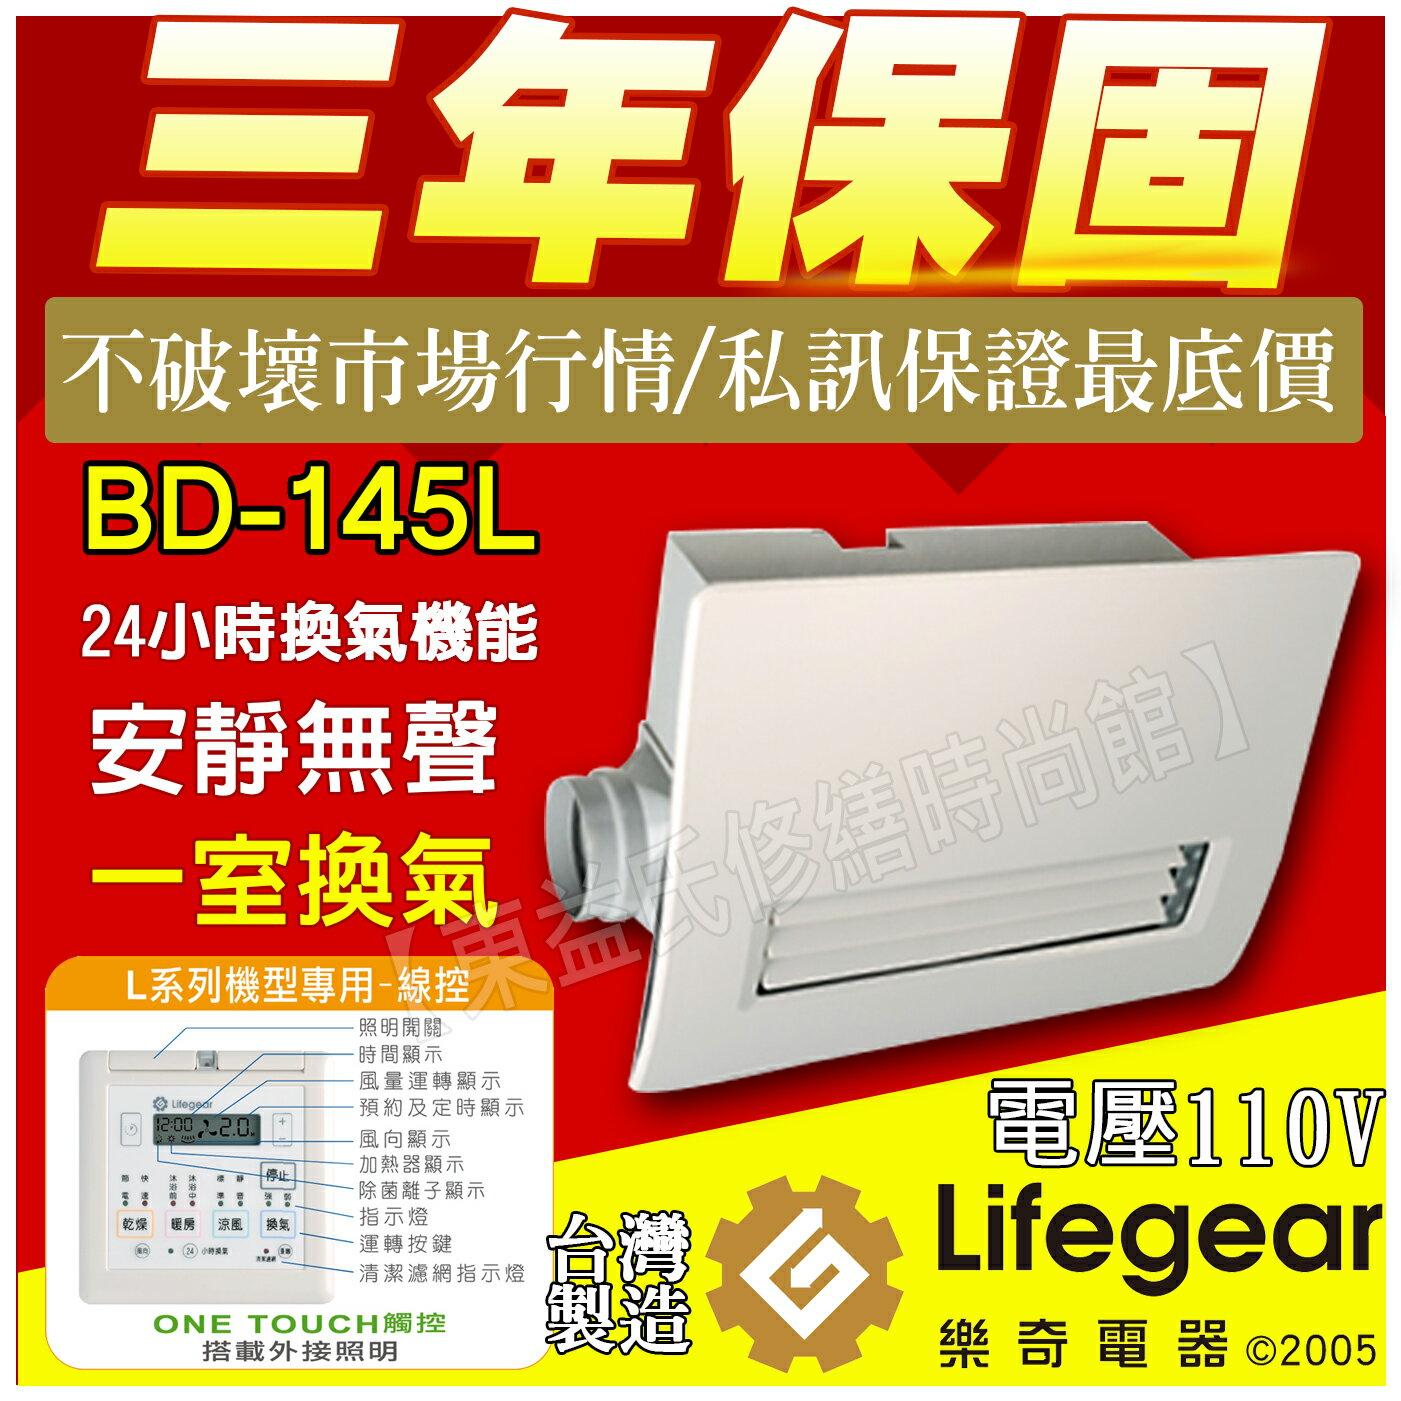 【東益氏】詢問再優惠! Lifegear 樂奇 BD-145L 中日技術合作 浴室暖風機 乾燥機售阿拉斯加 康乃馨 三菱 國際牌